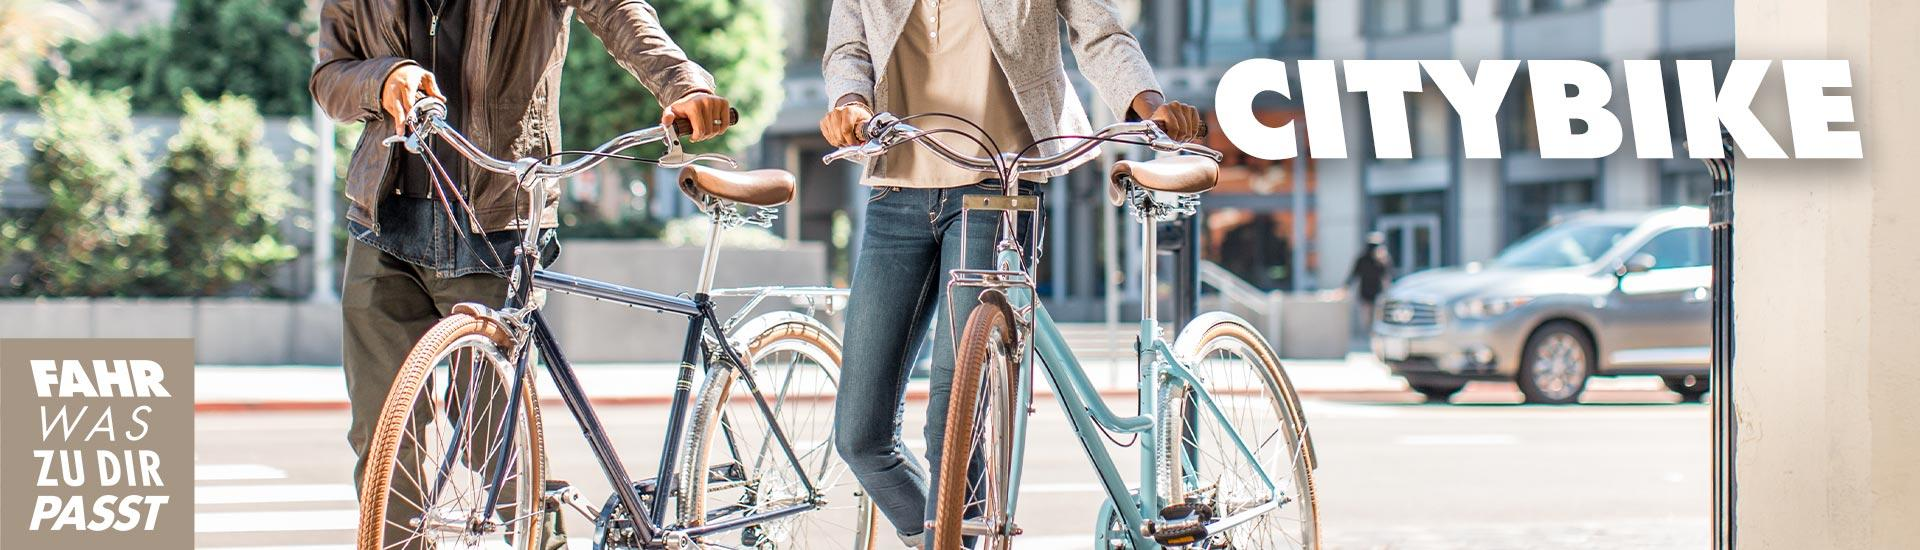 Trekking- oder Citybike - was passt zu dir?